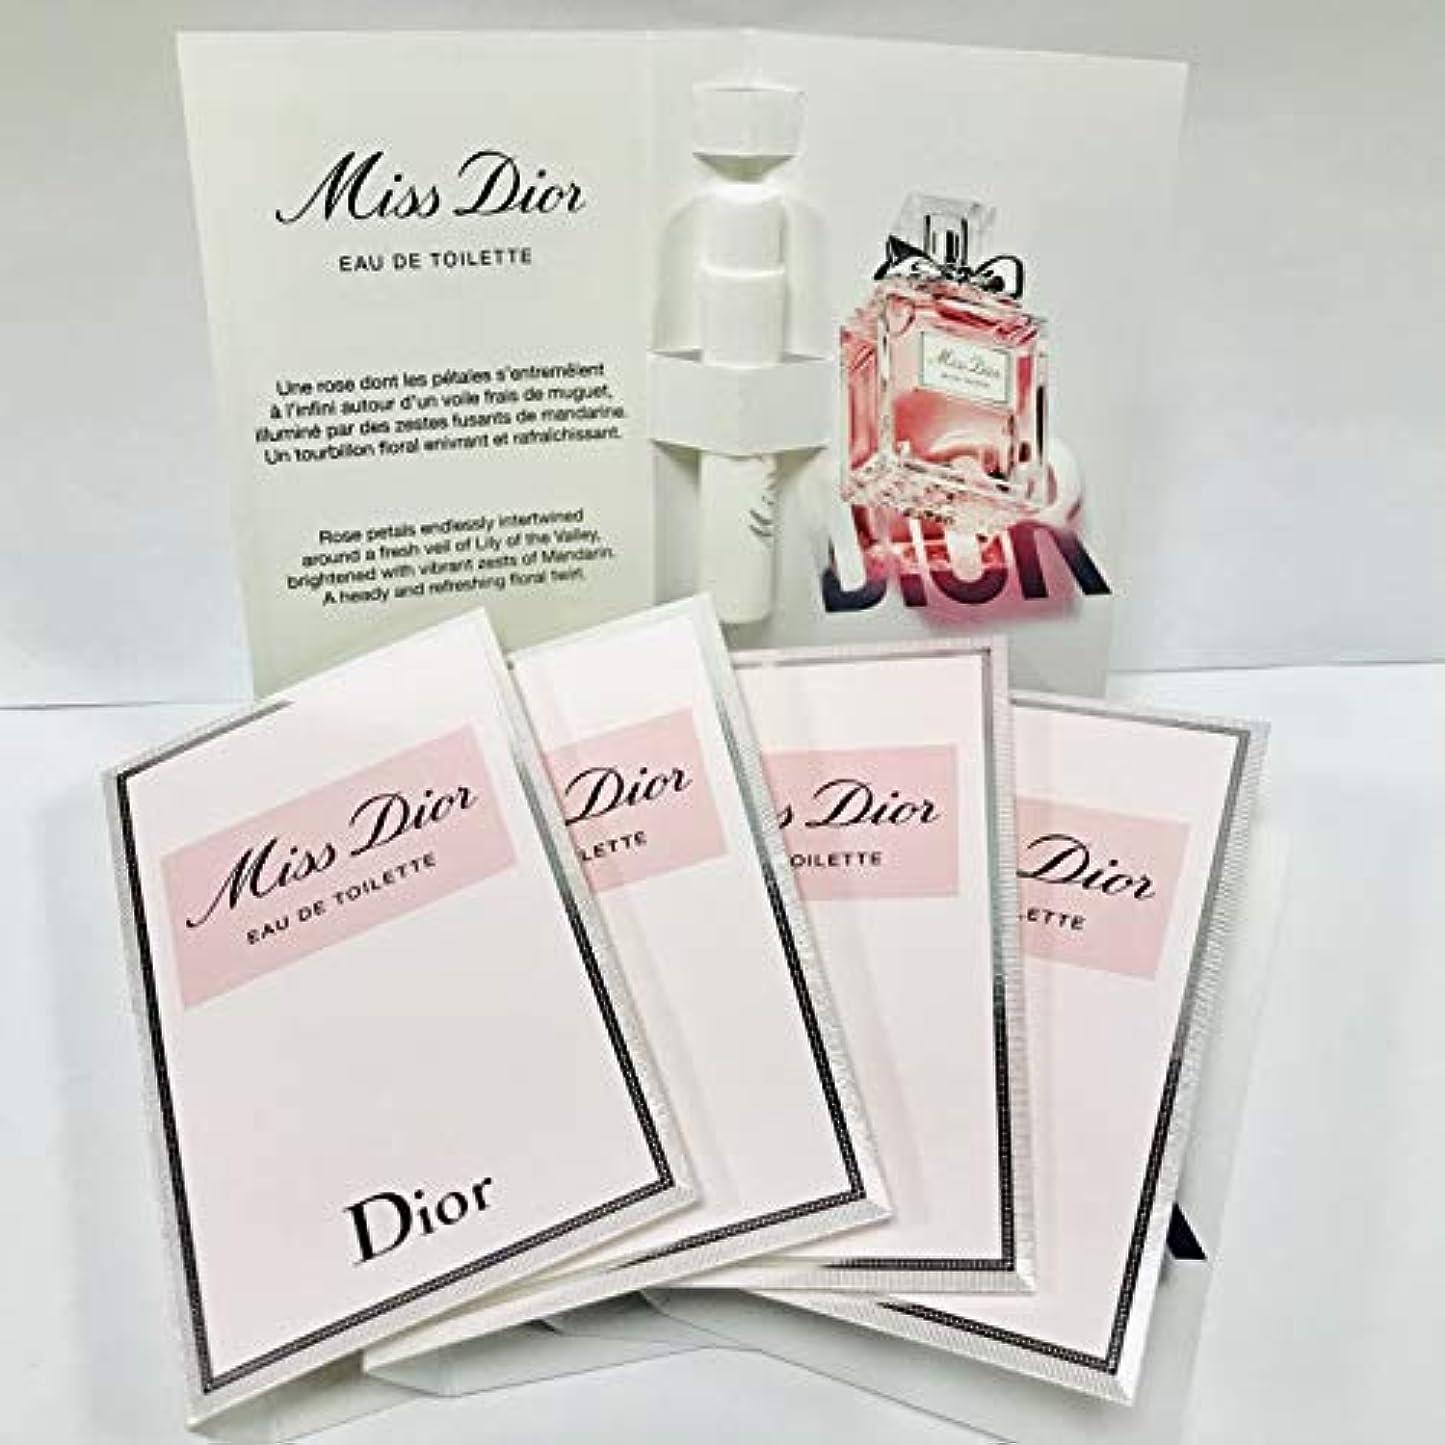 オーナメントプロポーショナル同情的Dior ディオール ミス ディオール オードゥ トワレ EDT 1ml 【サンプルサイズ】